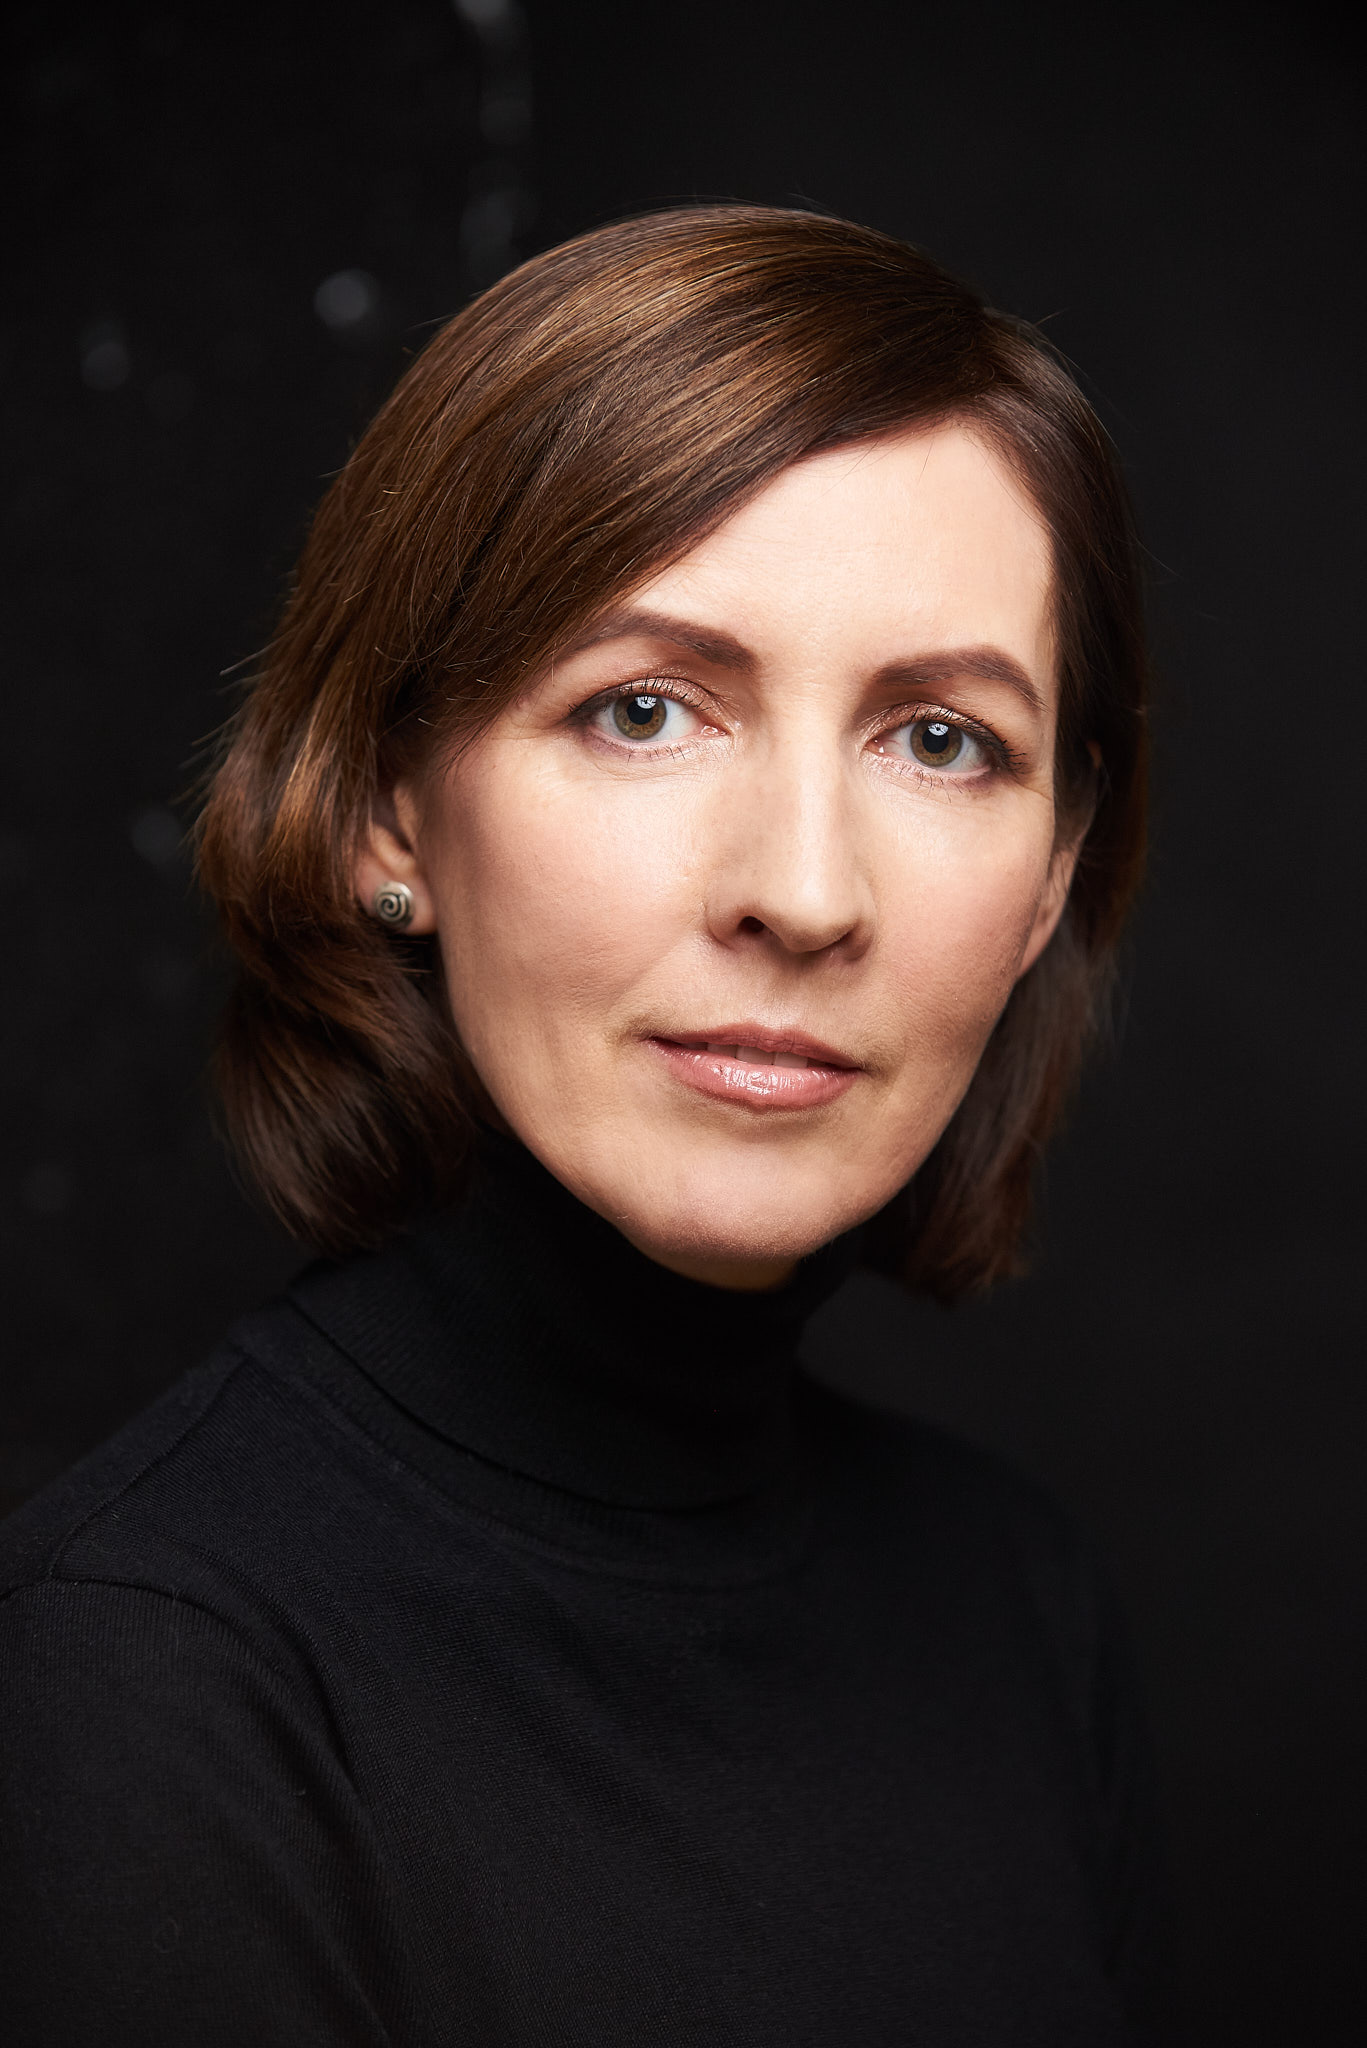 Rūta Julija Klovaitė